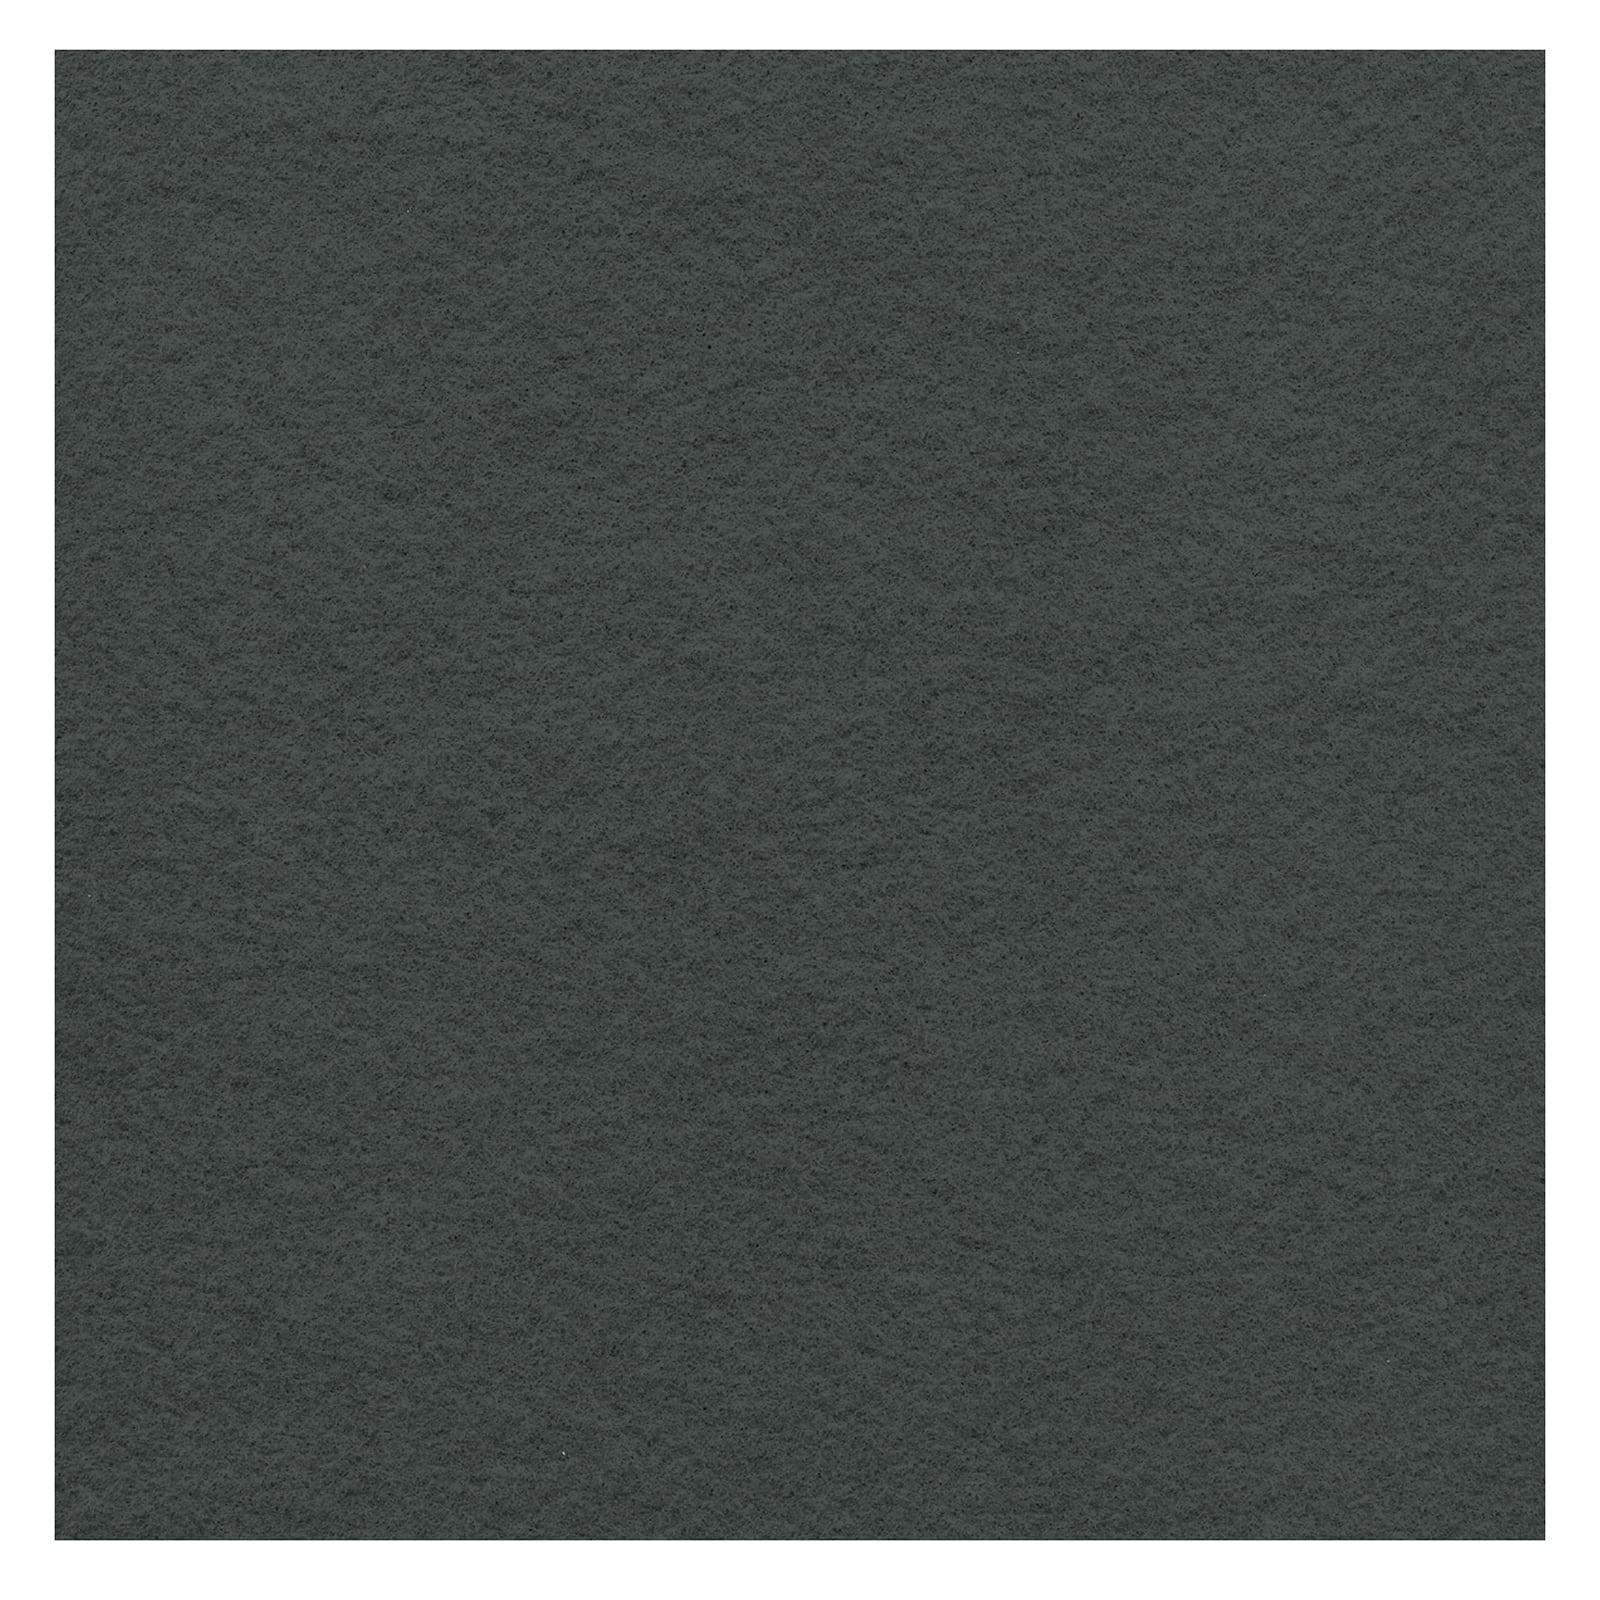 Grey felt, Large 12x18 sheet